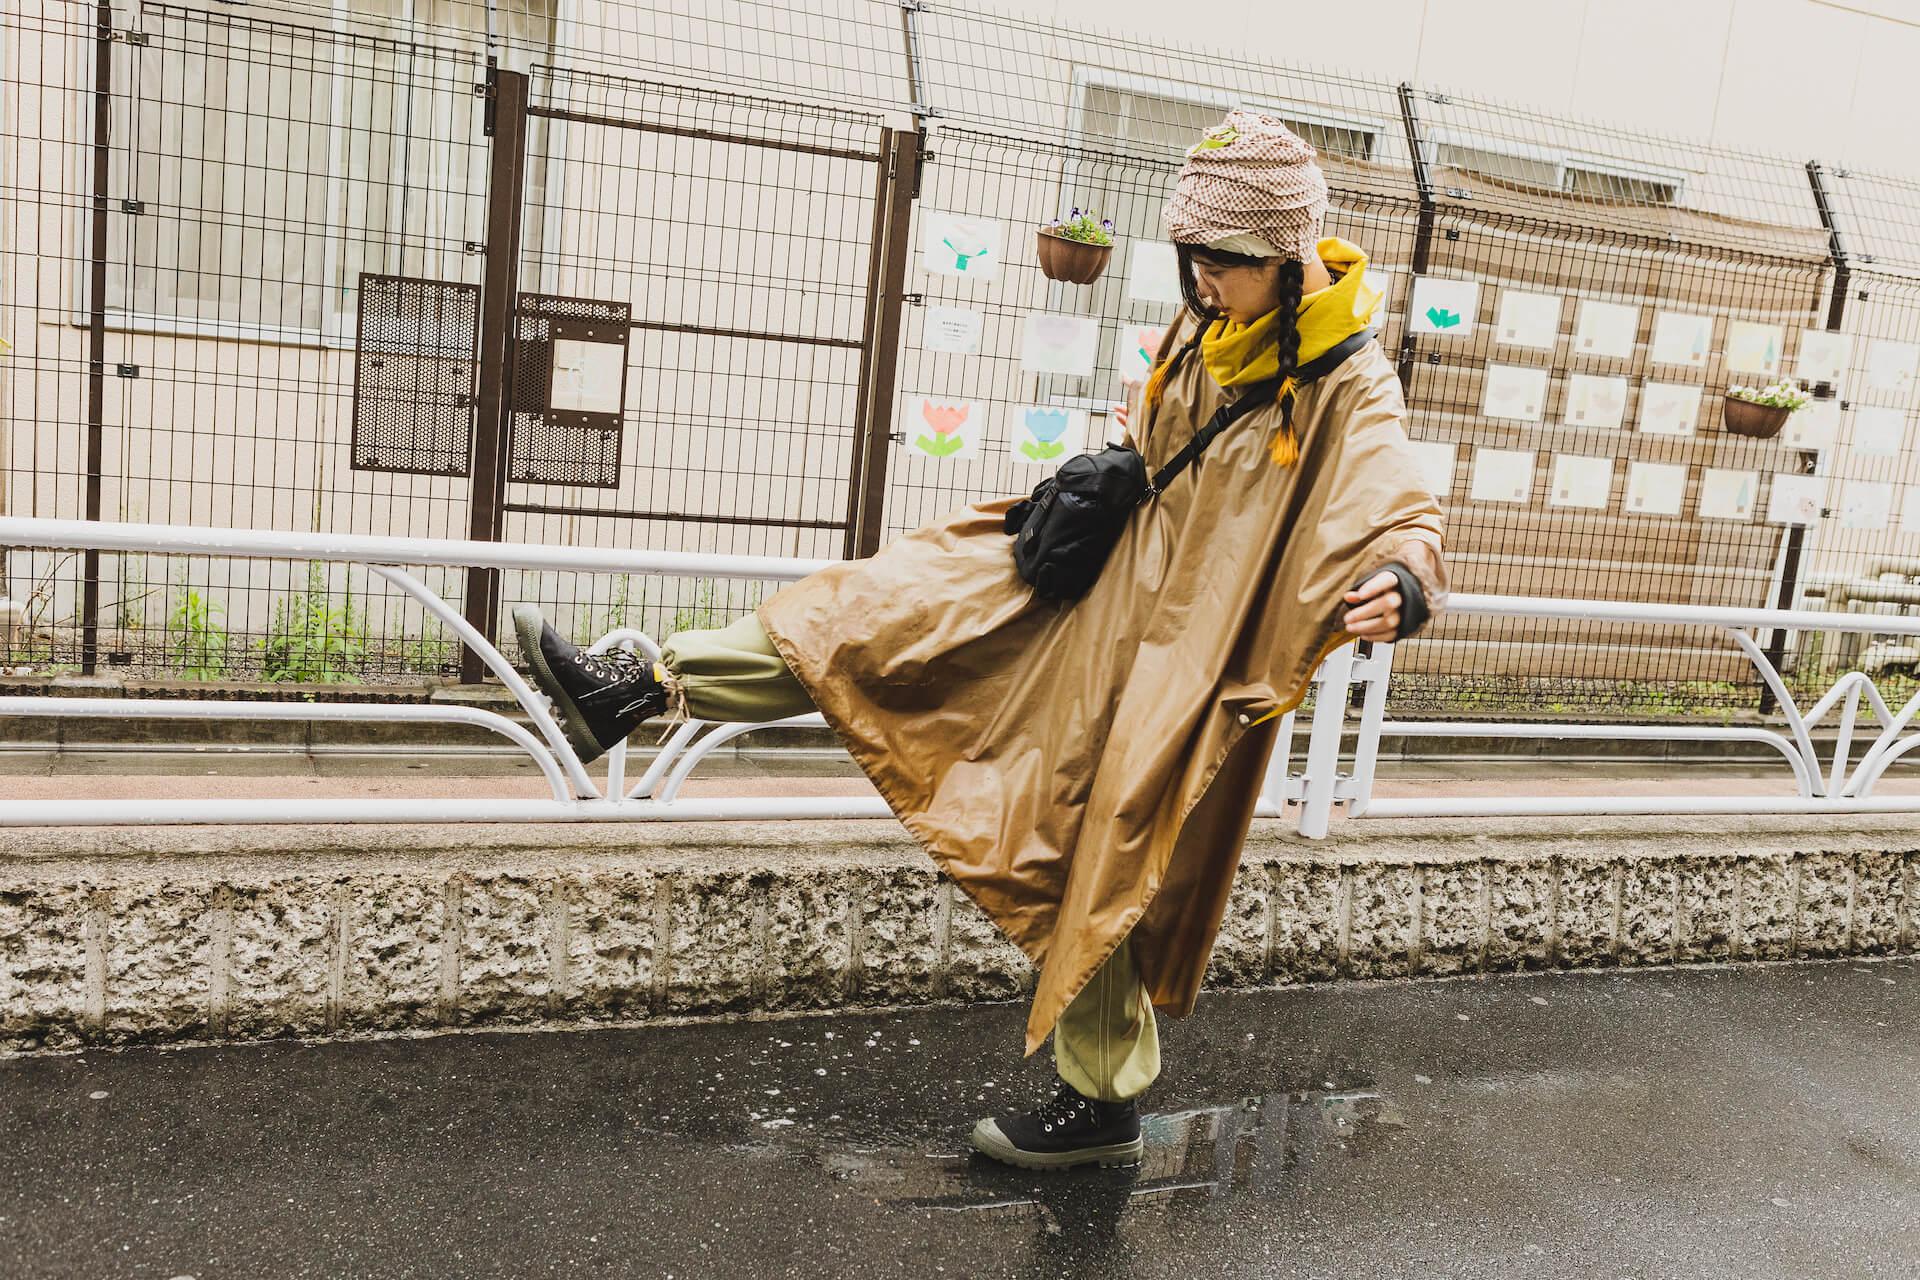 PALLADIUM × 7A&msd|スタイリスト、クリエイターが提案する梅雨を乗り切る雨の日コーデ fashion210526_palladium-011